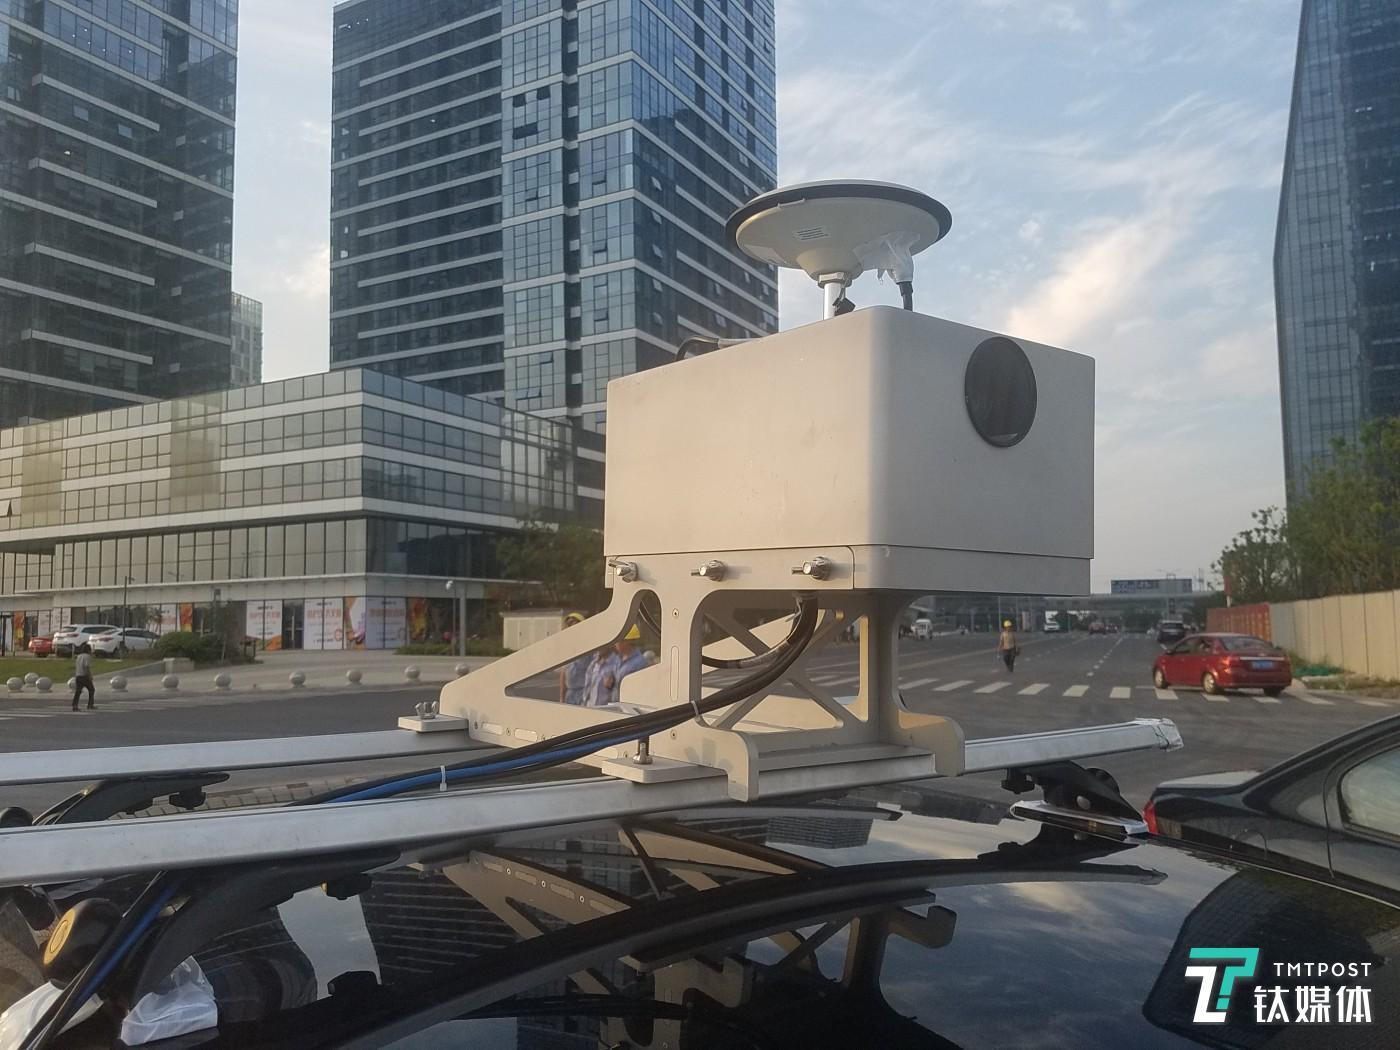 宽凳科技的摄像头+GPS数据采集器